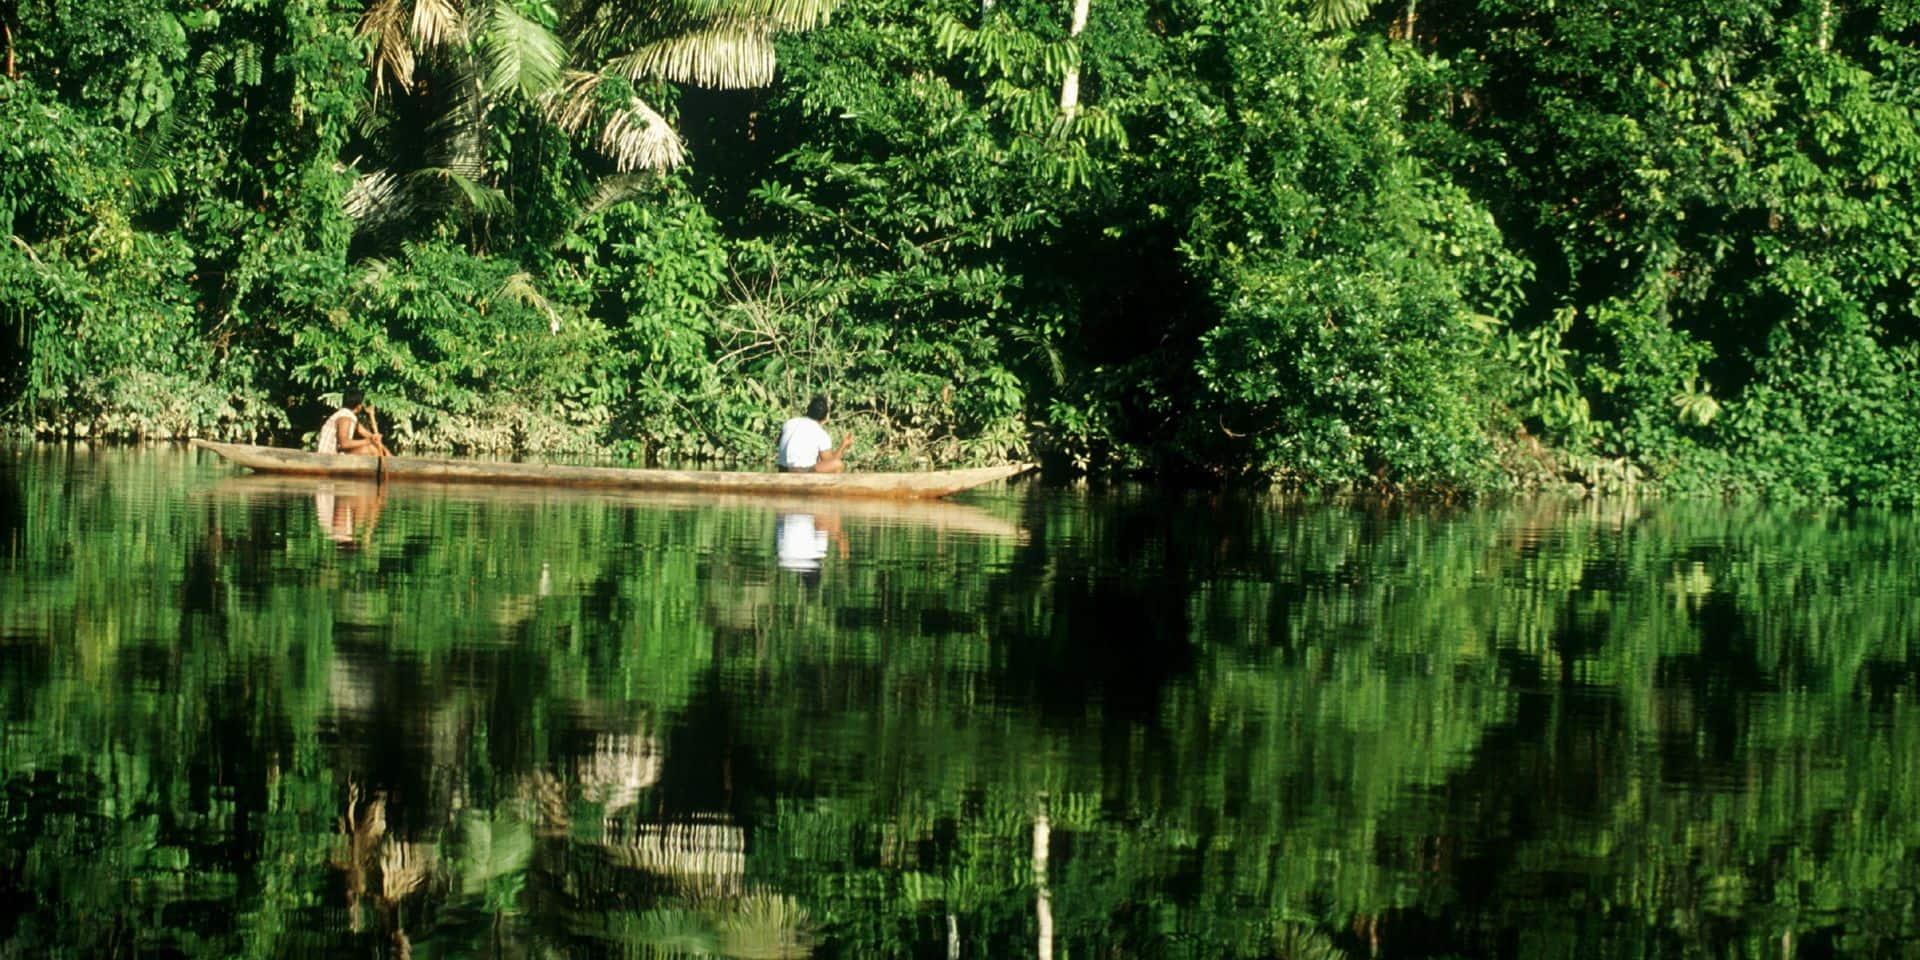 Changement climatique: la forêt amazonienne pourrait disparaître en 50 ans